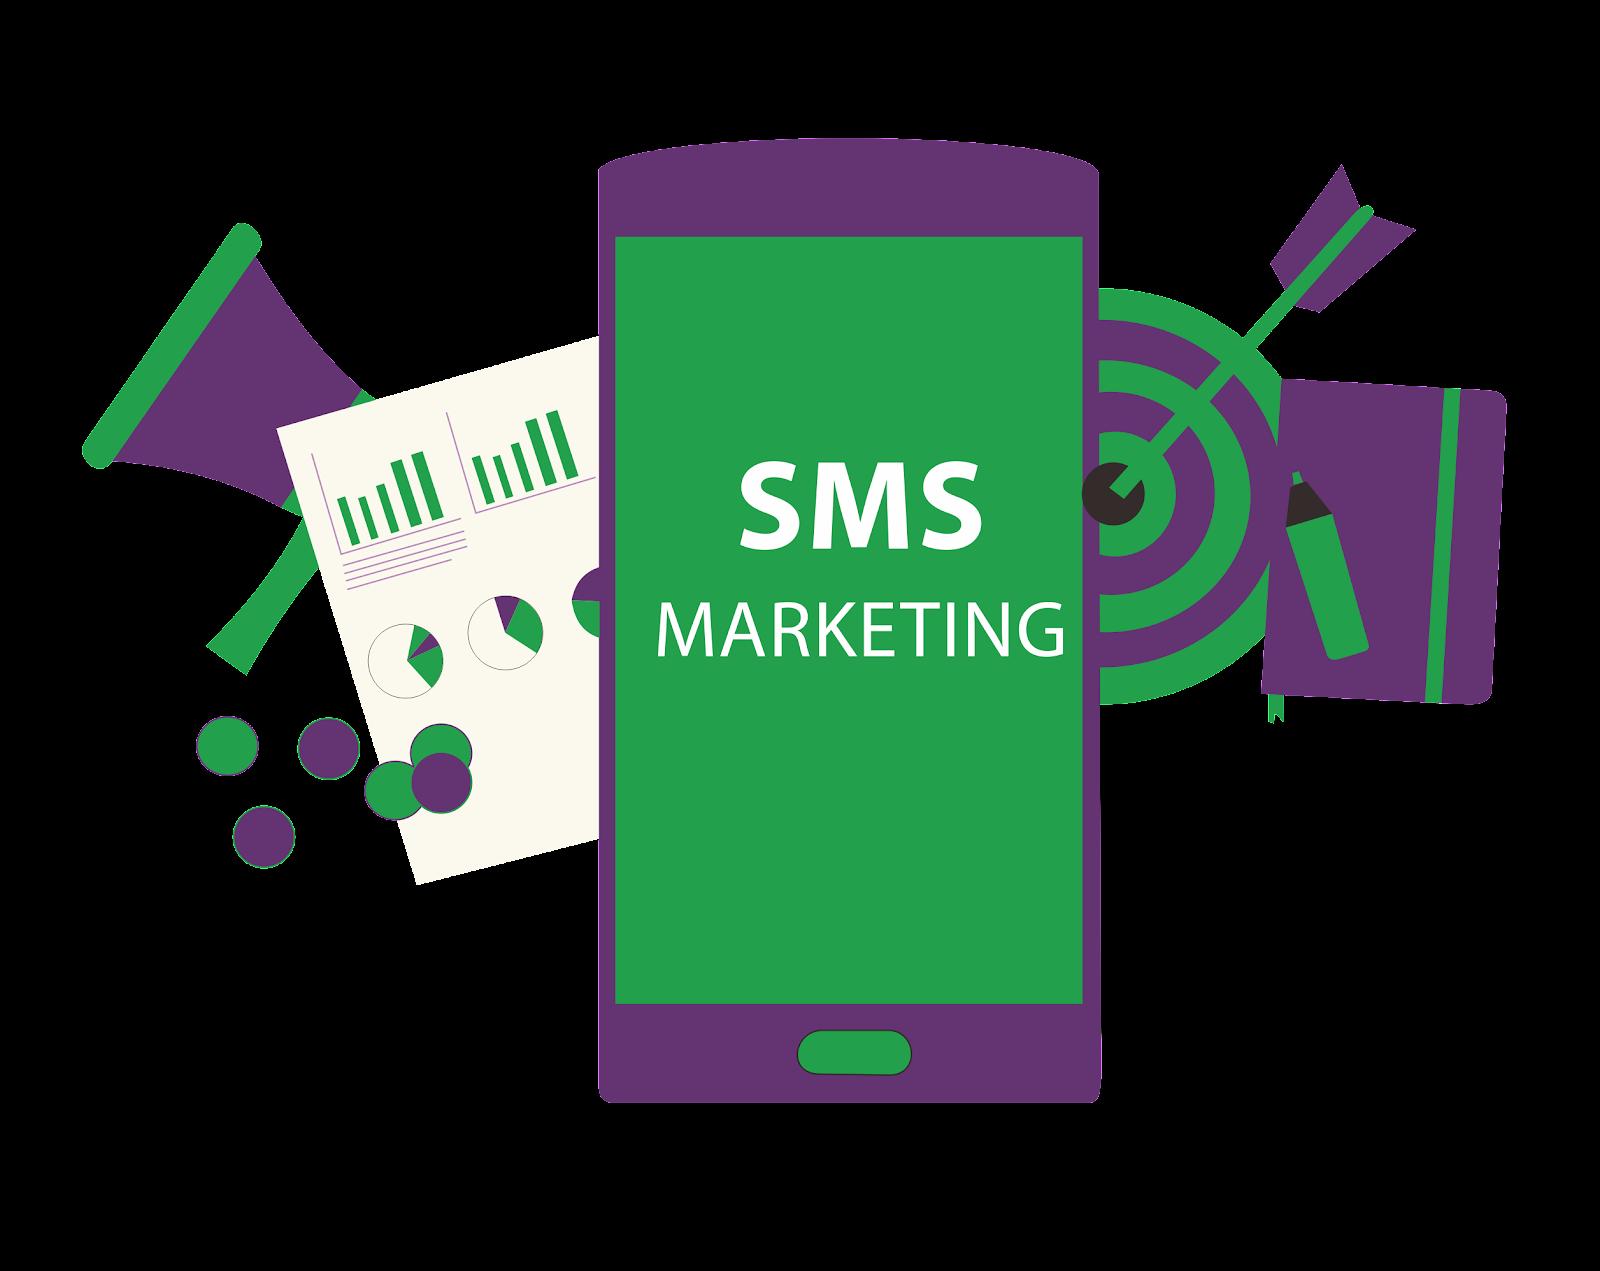 Tiếp thị qua dịch vụ SMS có thân thiện với môi trường?